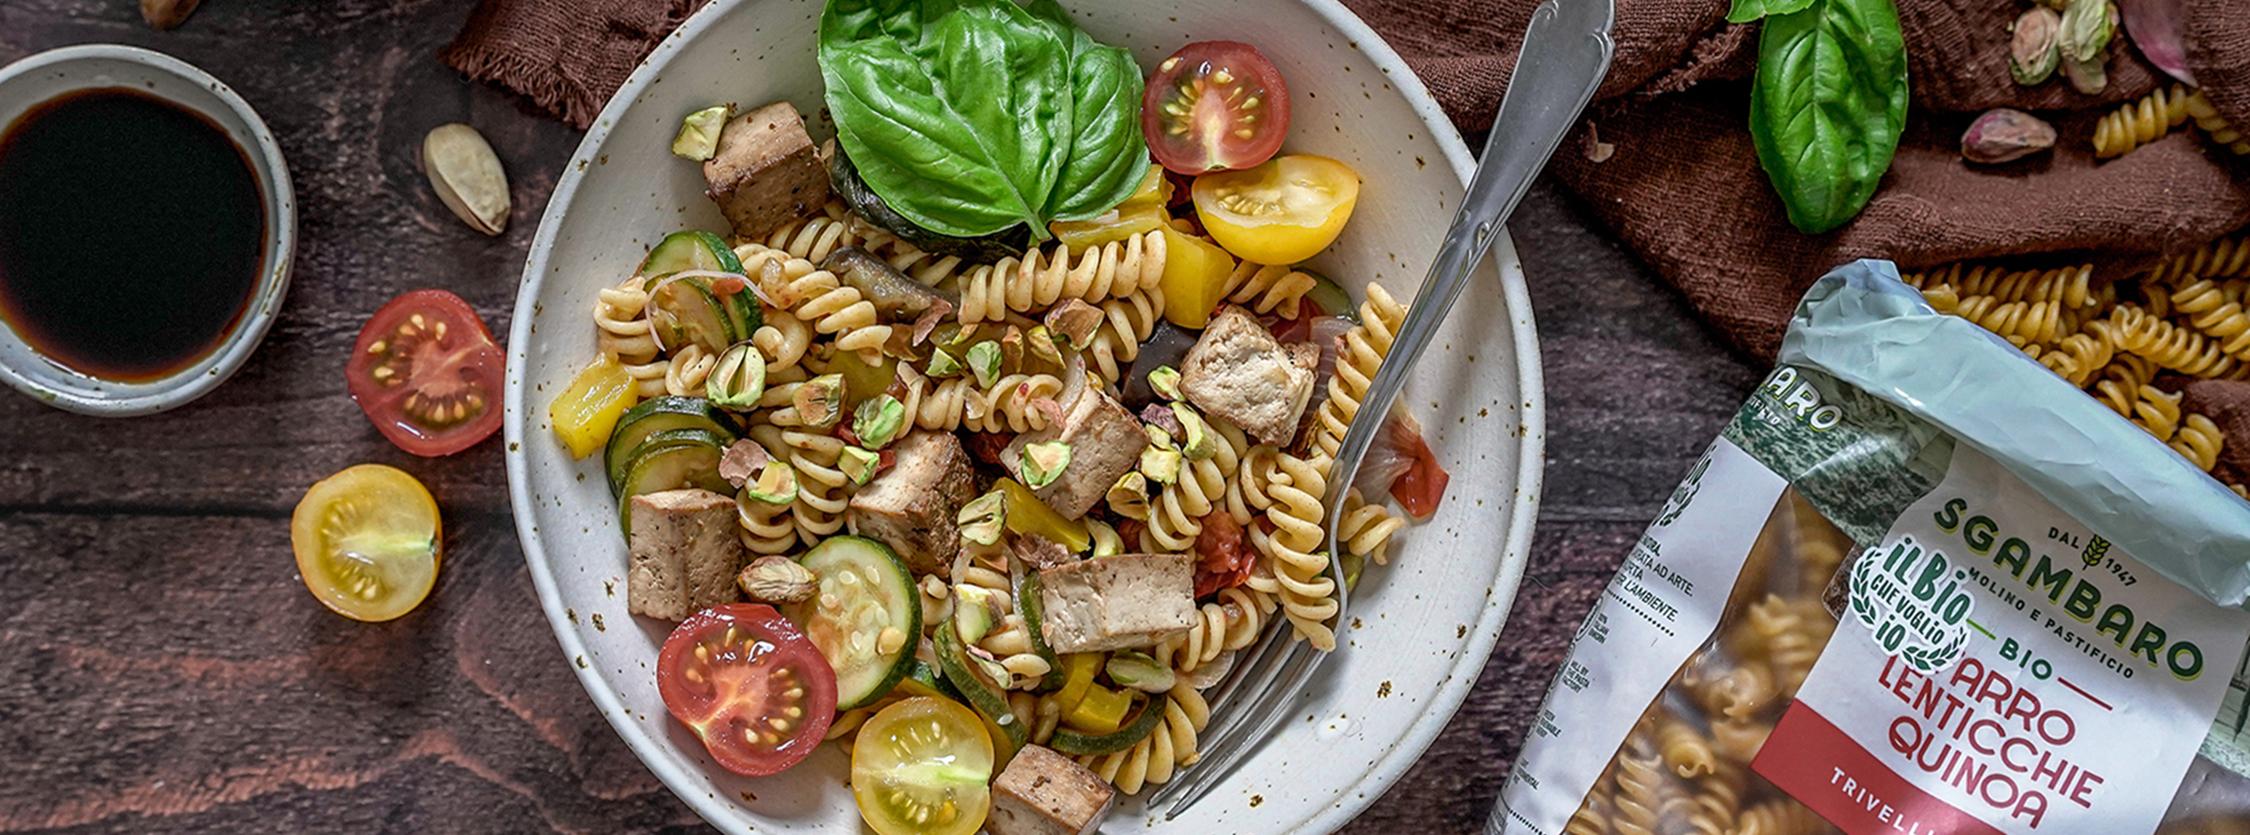 Trivelline Sgambaro di farro, lenticchie e quinoa con verdure, tofu e pistacchi